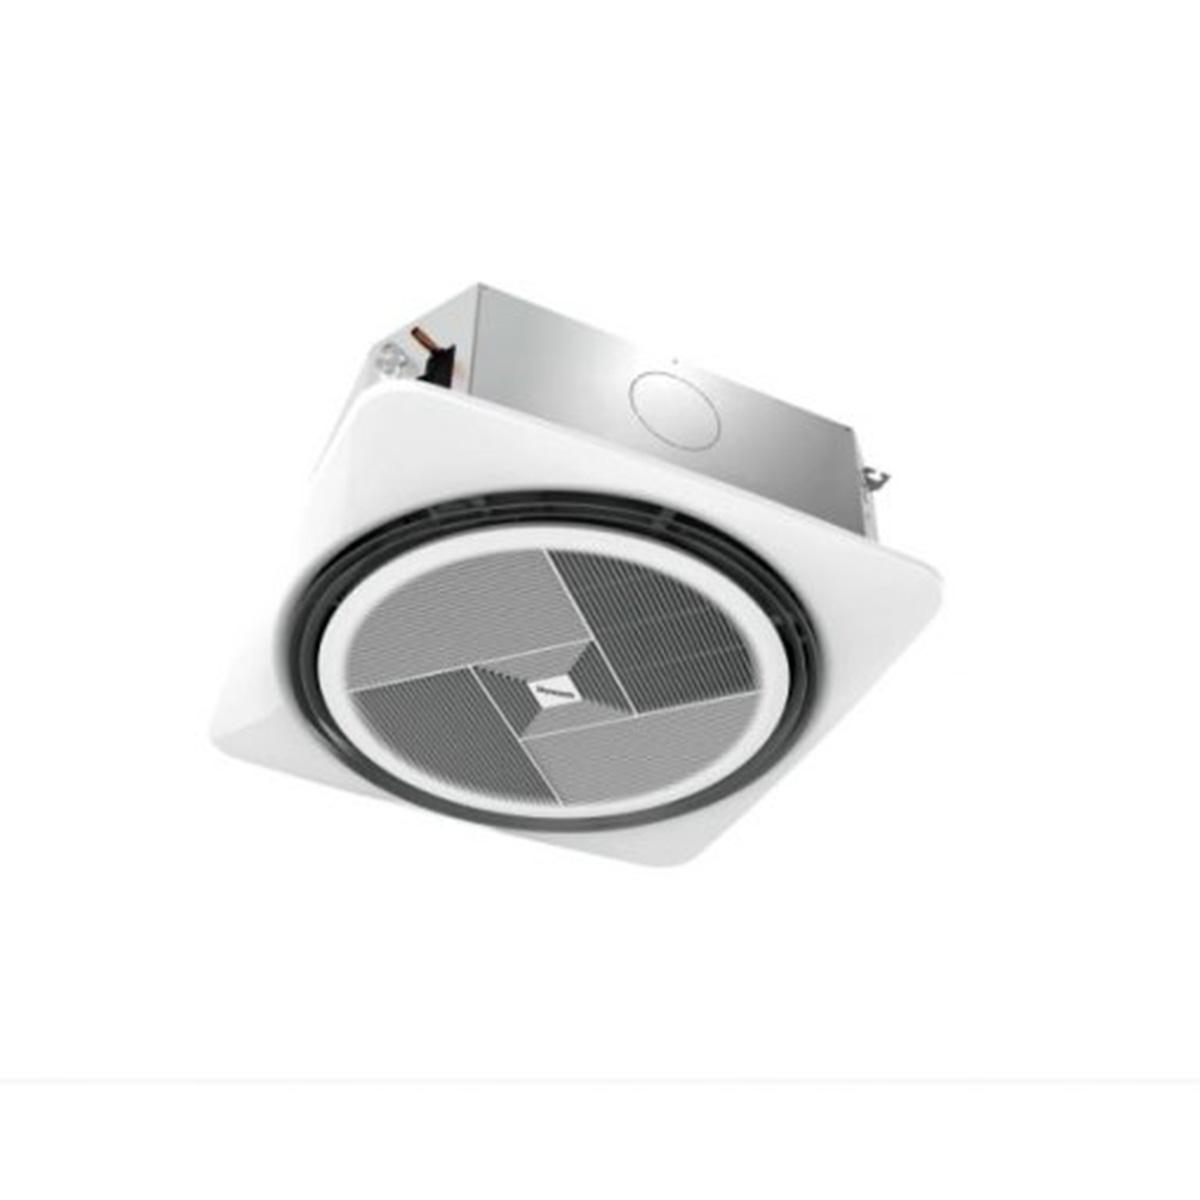 Aparat de aer conditionat tip caseta 360 grade Skyworth U-Match DC Inverter ,R32,A++ 13